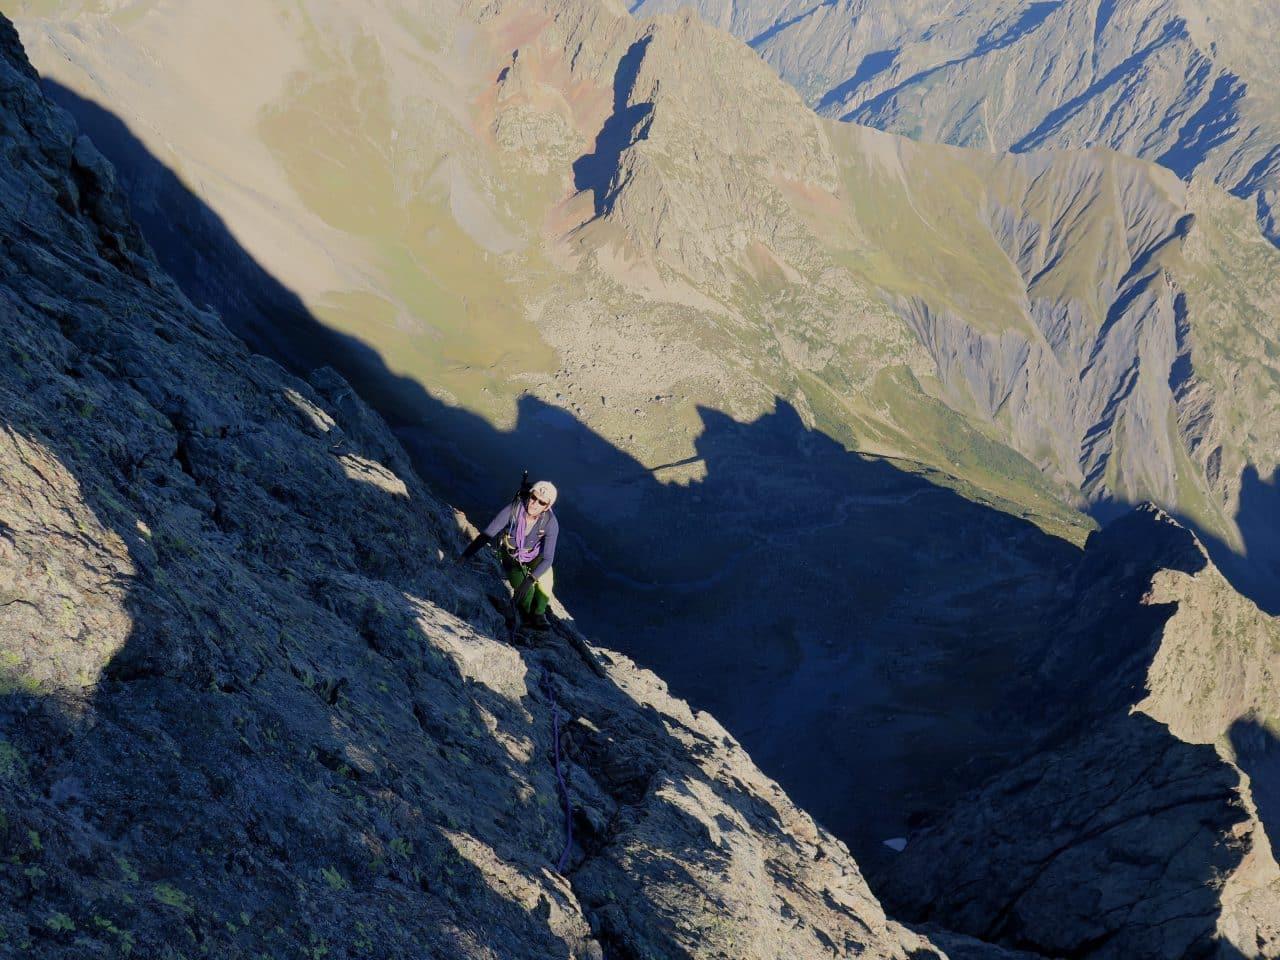 arête nord du Sirac, ambiance alpine